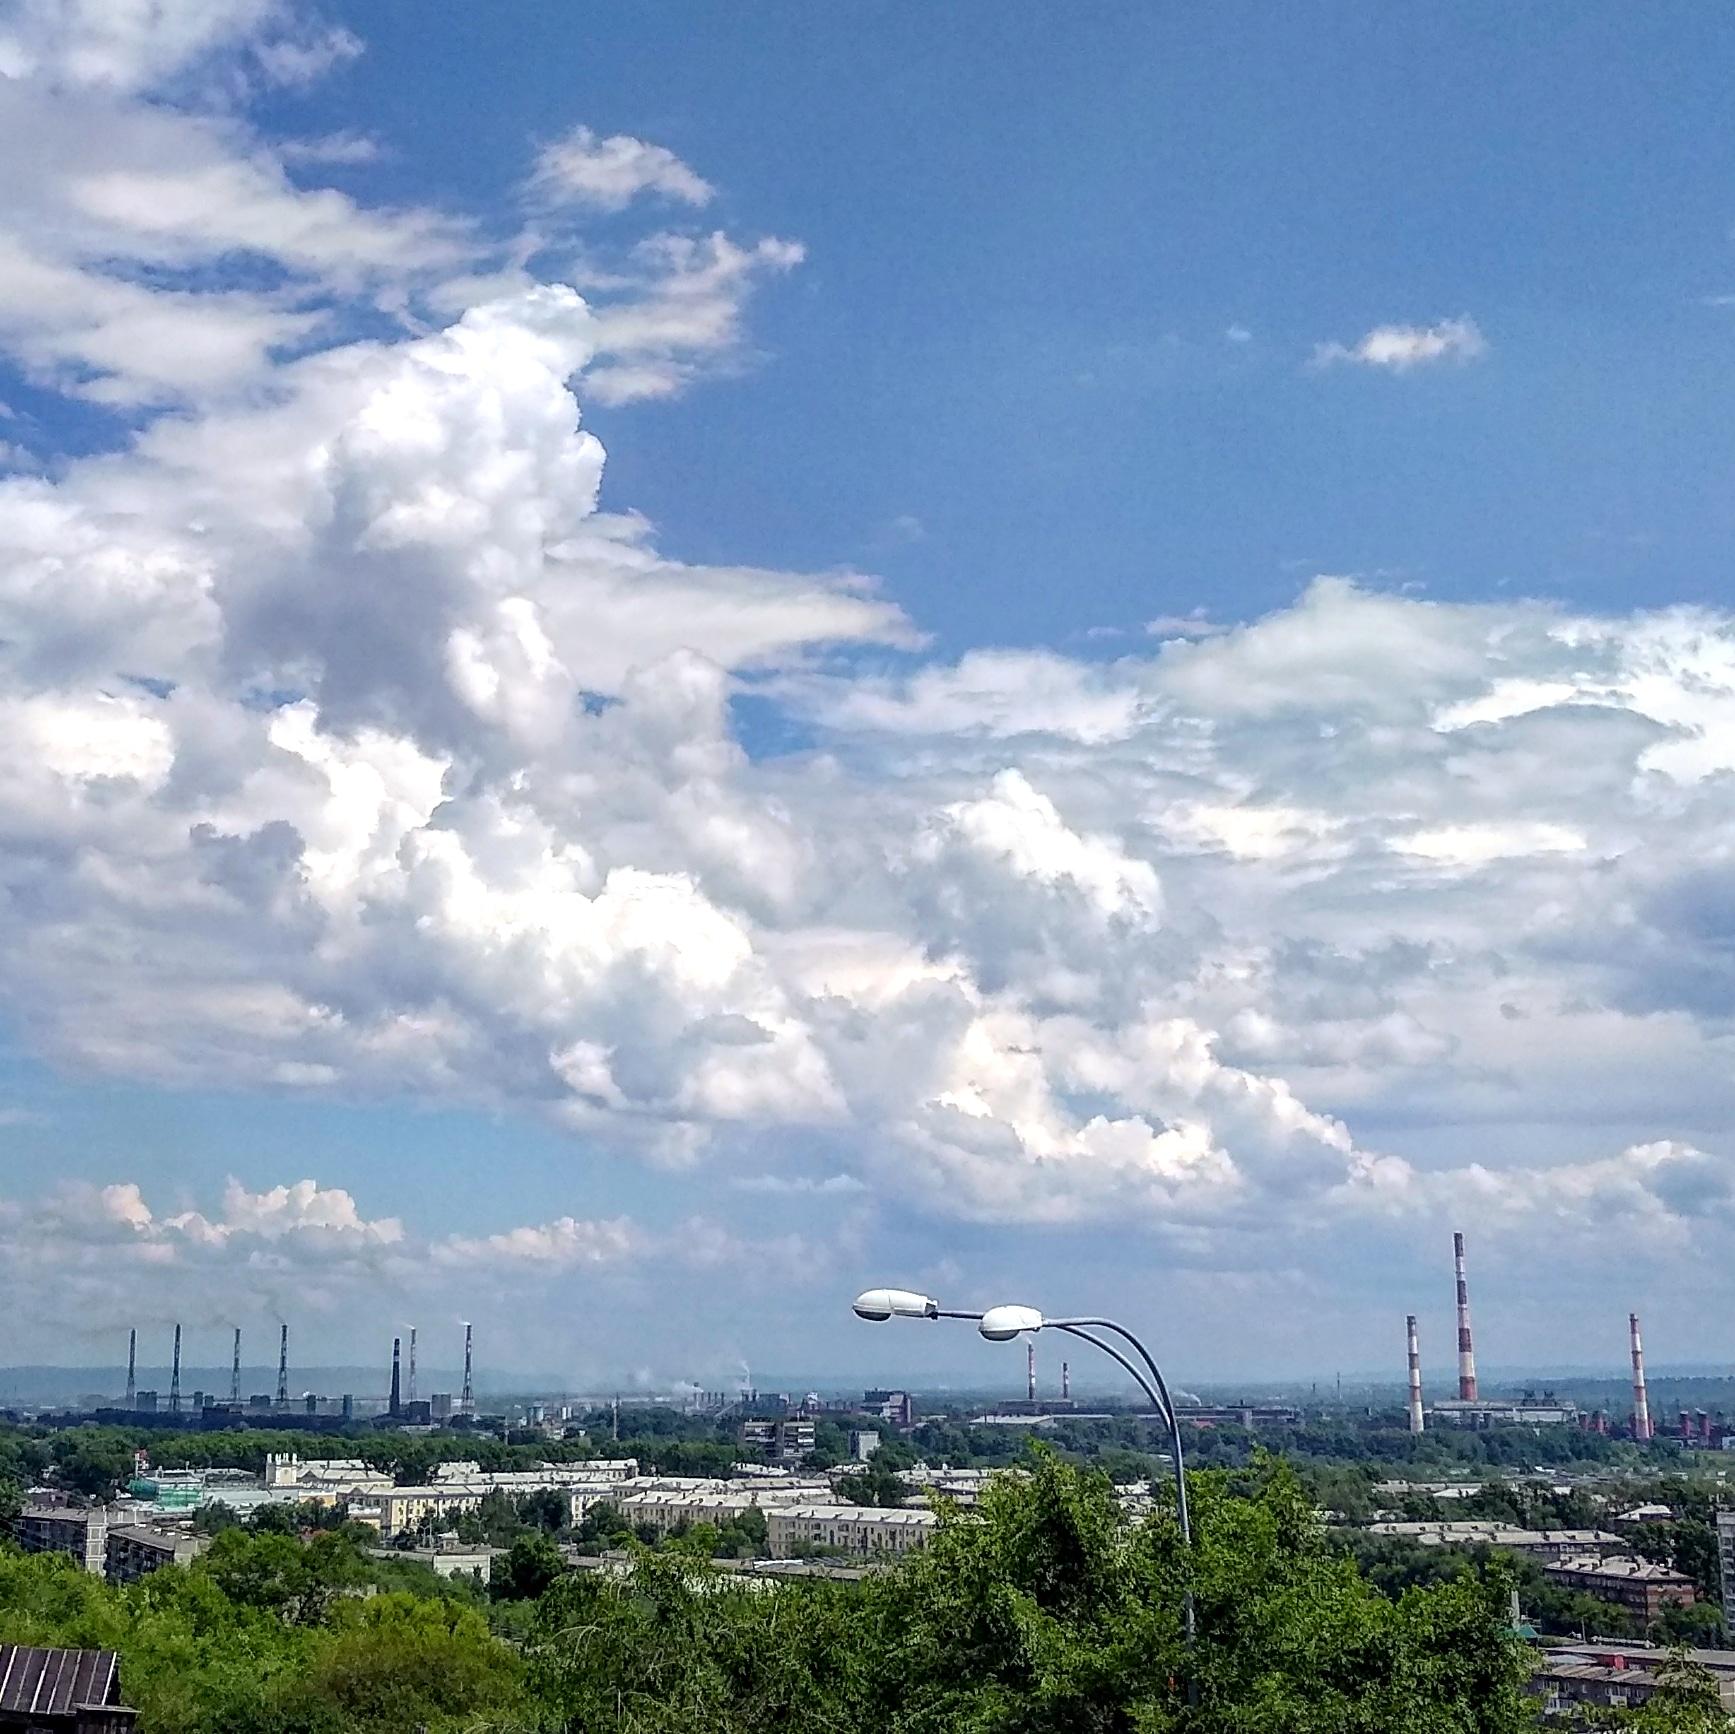 Дым и облака. Блиц: небо в облаках